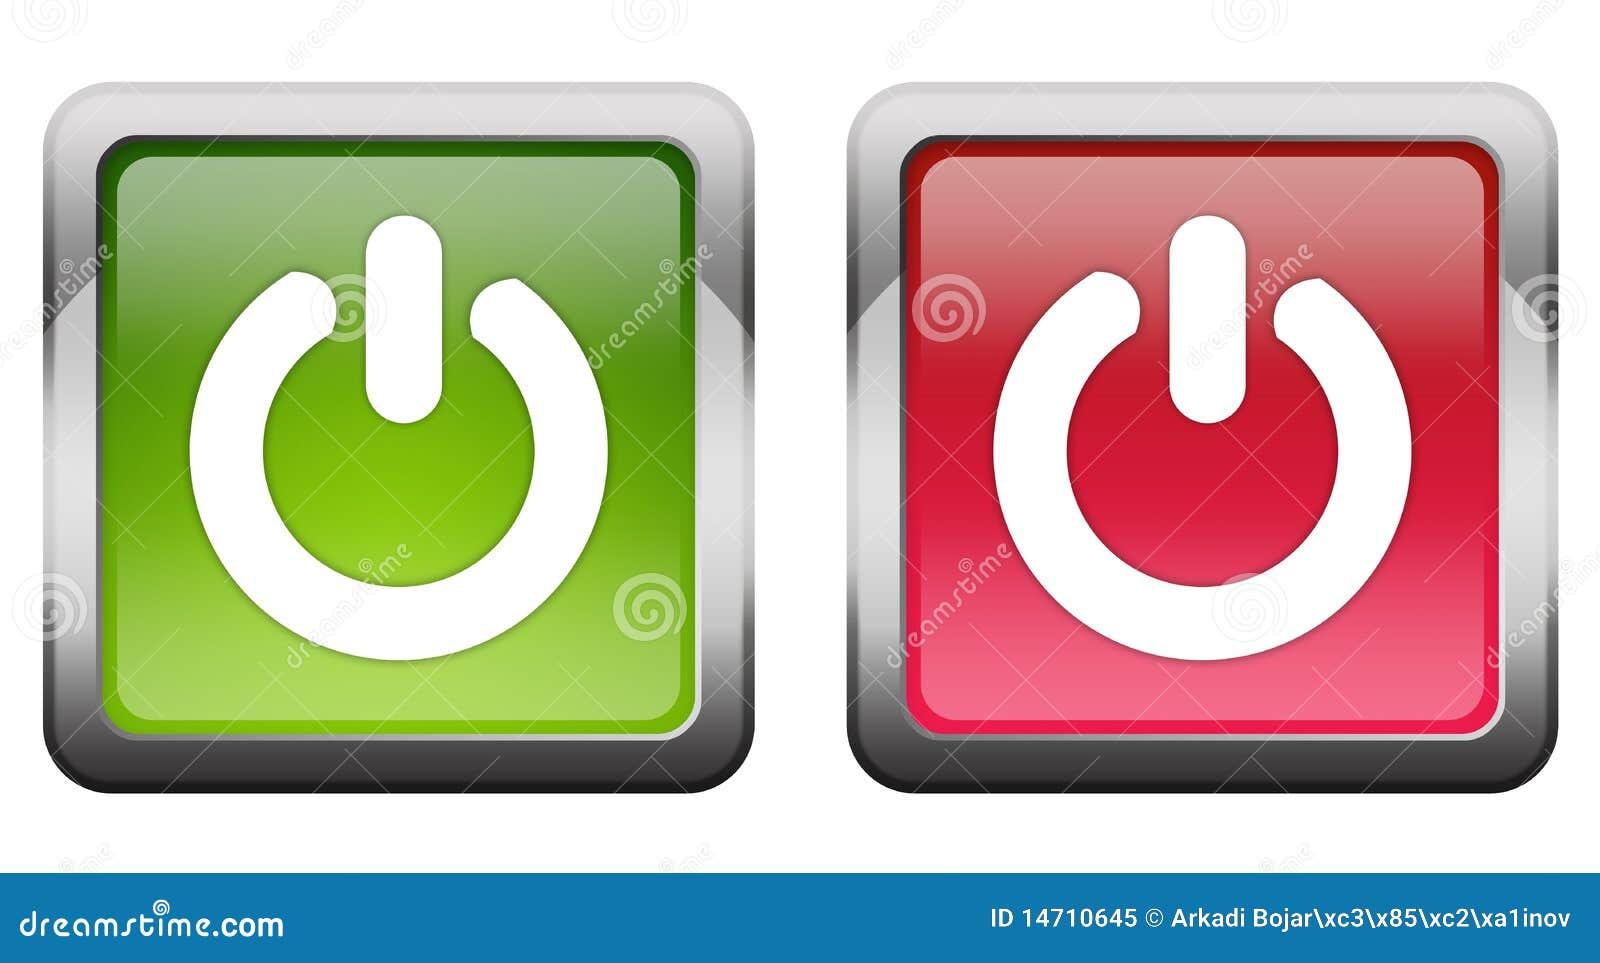 turn on off button illustration 14710645 megapixl